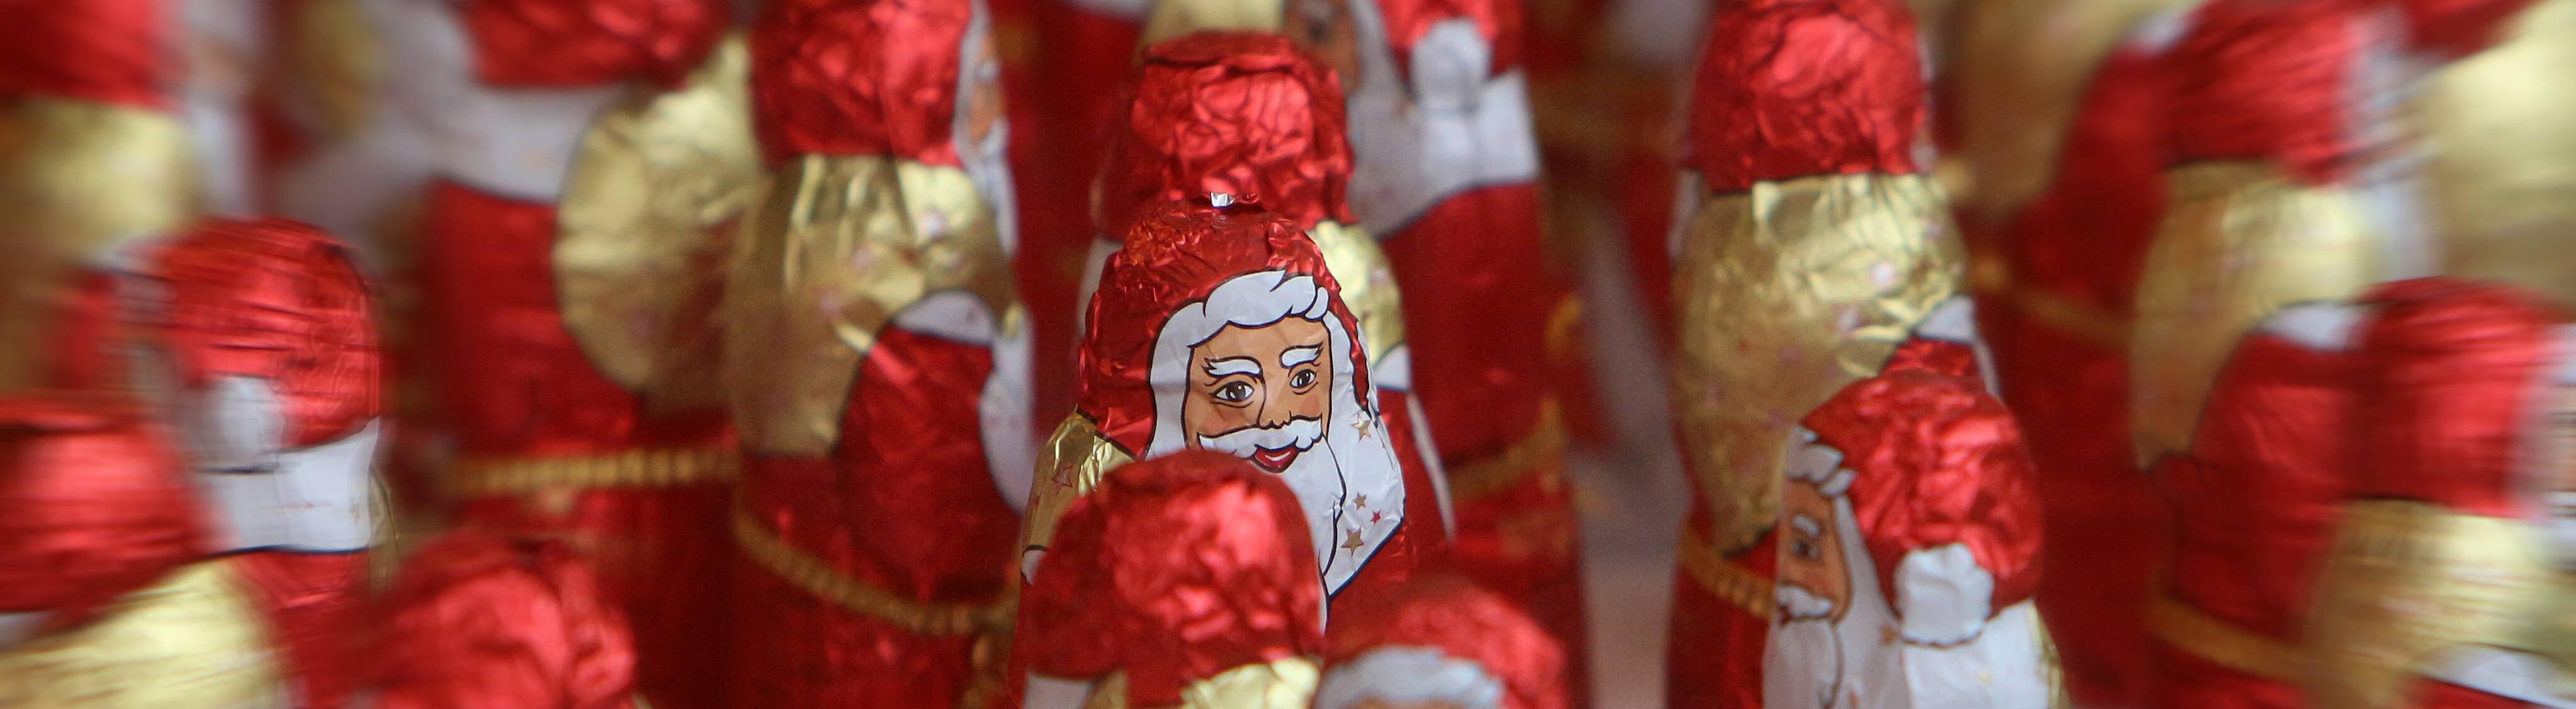 Schokoladen-Nikoläuse